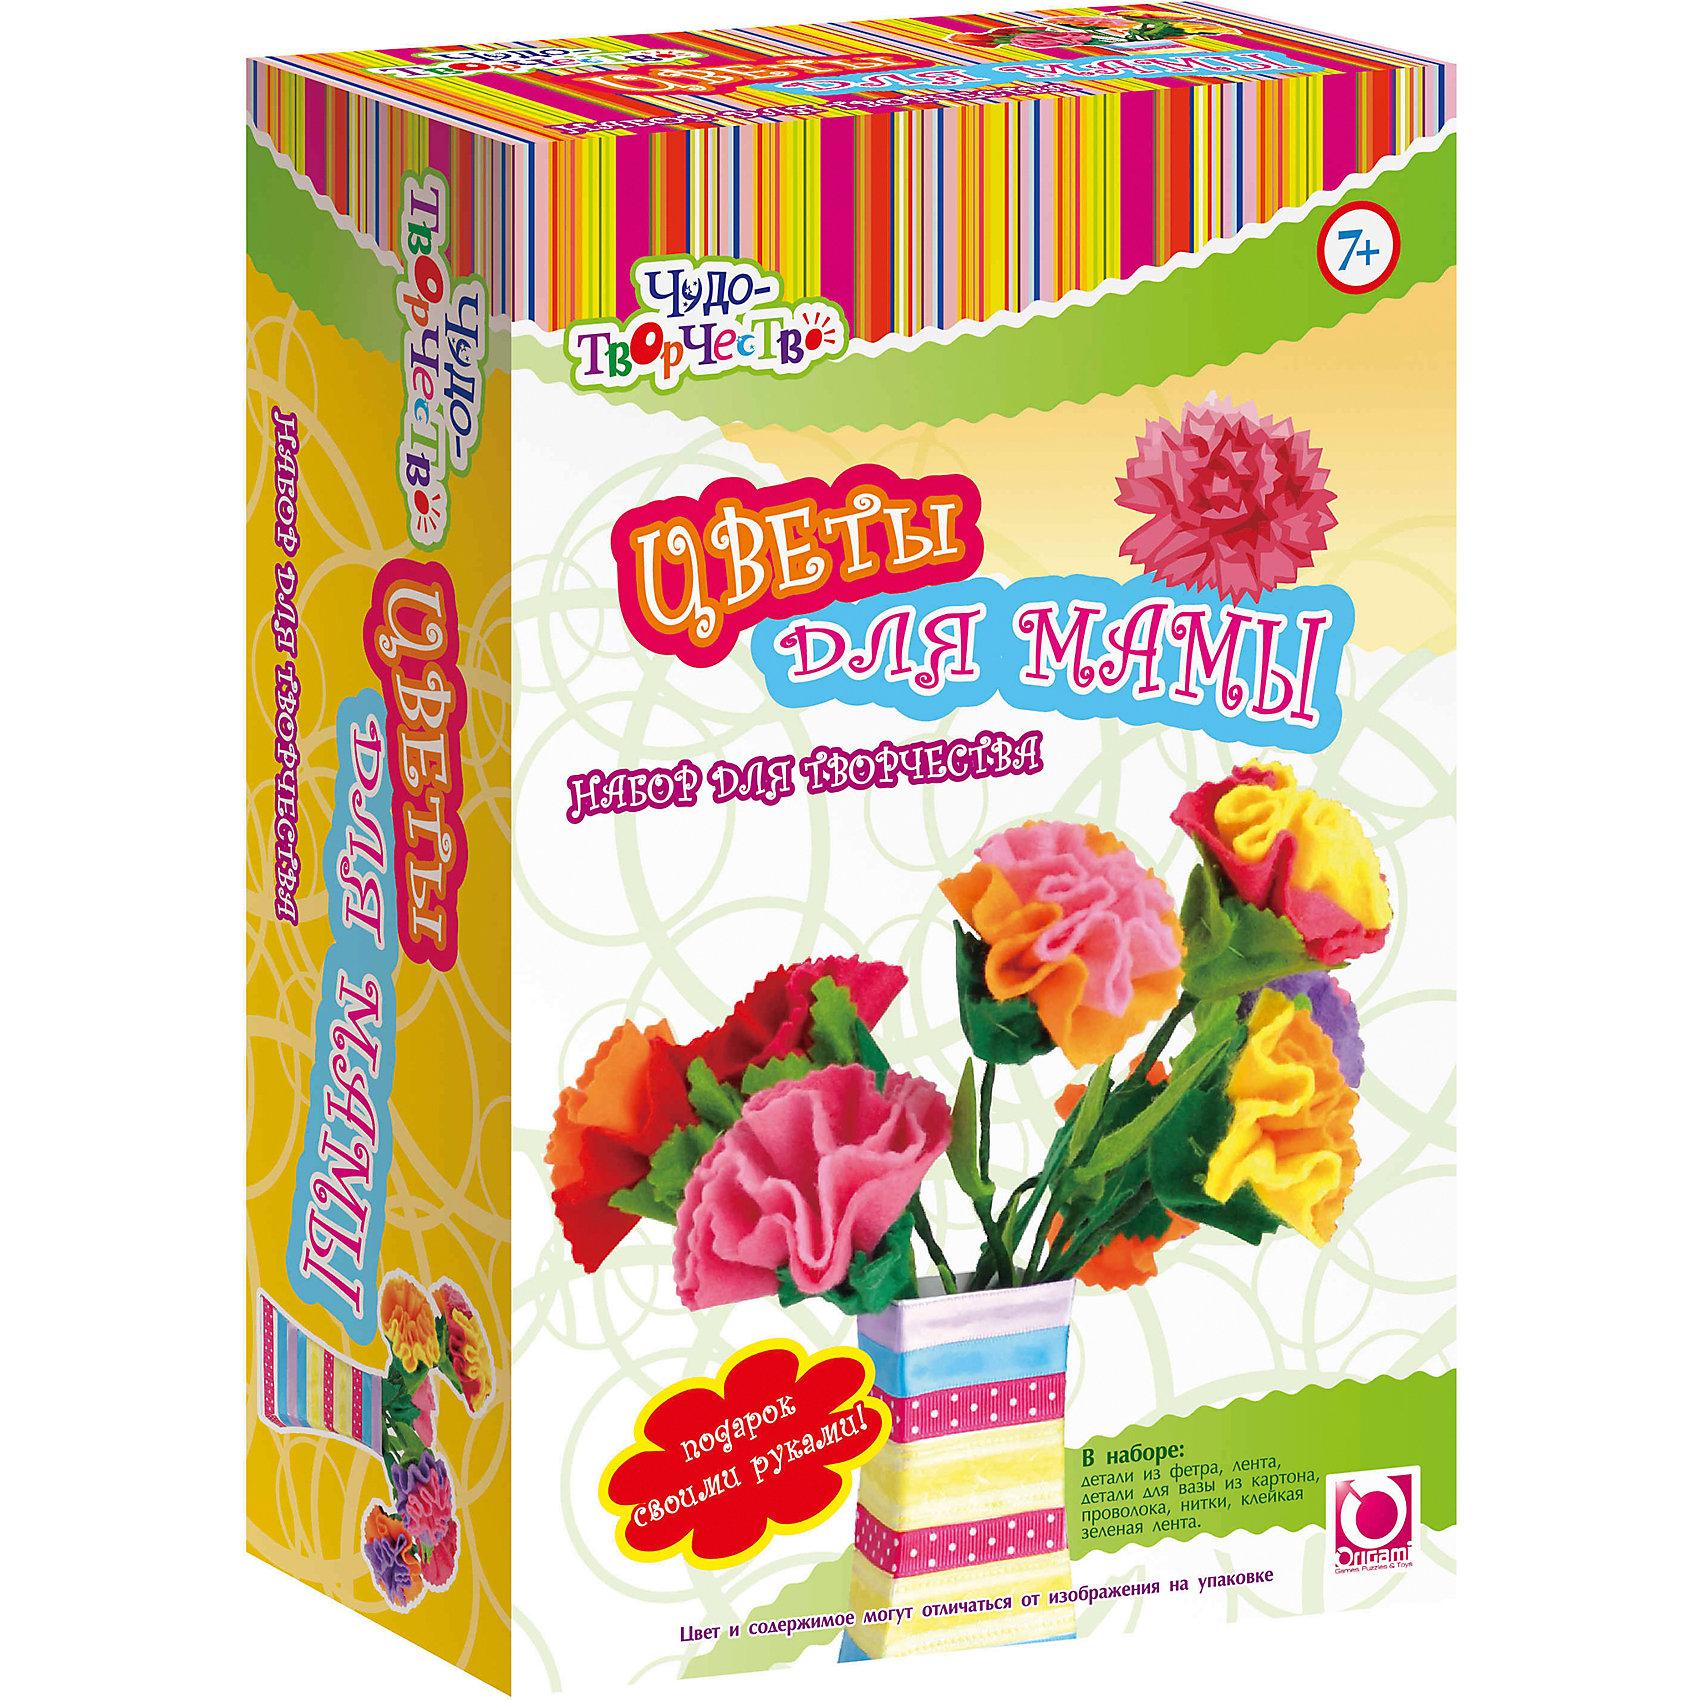 Origami Набор для творчества Цветы для мамы, Оригами пазл для раскрашивания арт терапия царь зверей origami 360 деталей